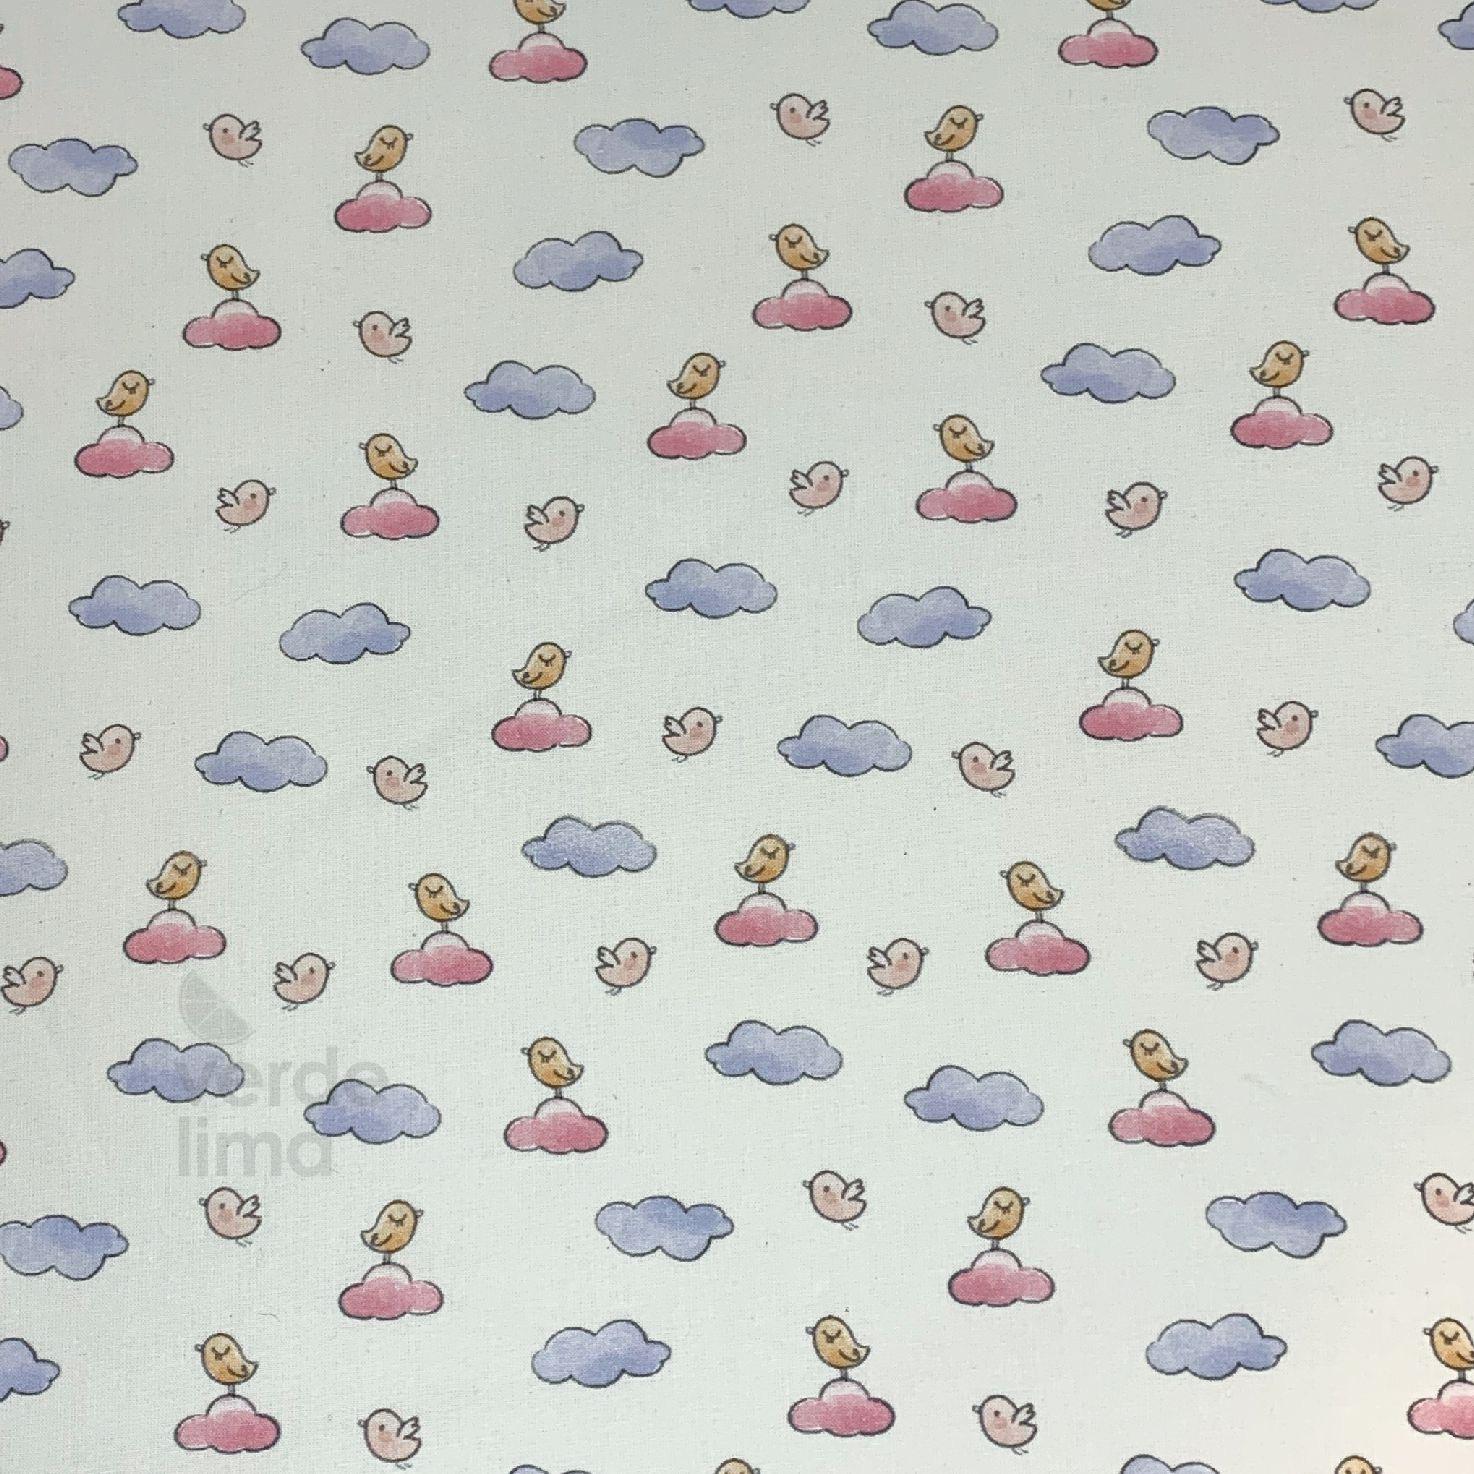 Ursinhos no avião - passarinhos na nuvem rosa